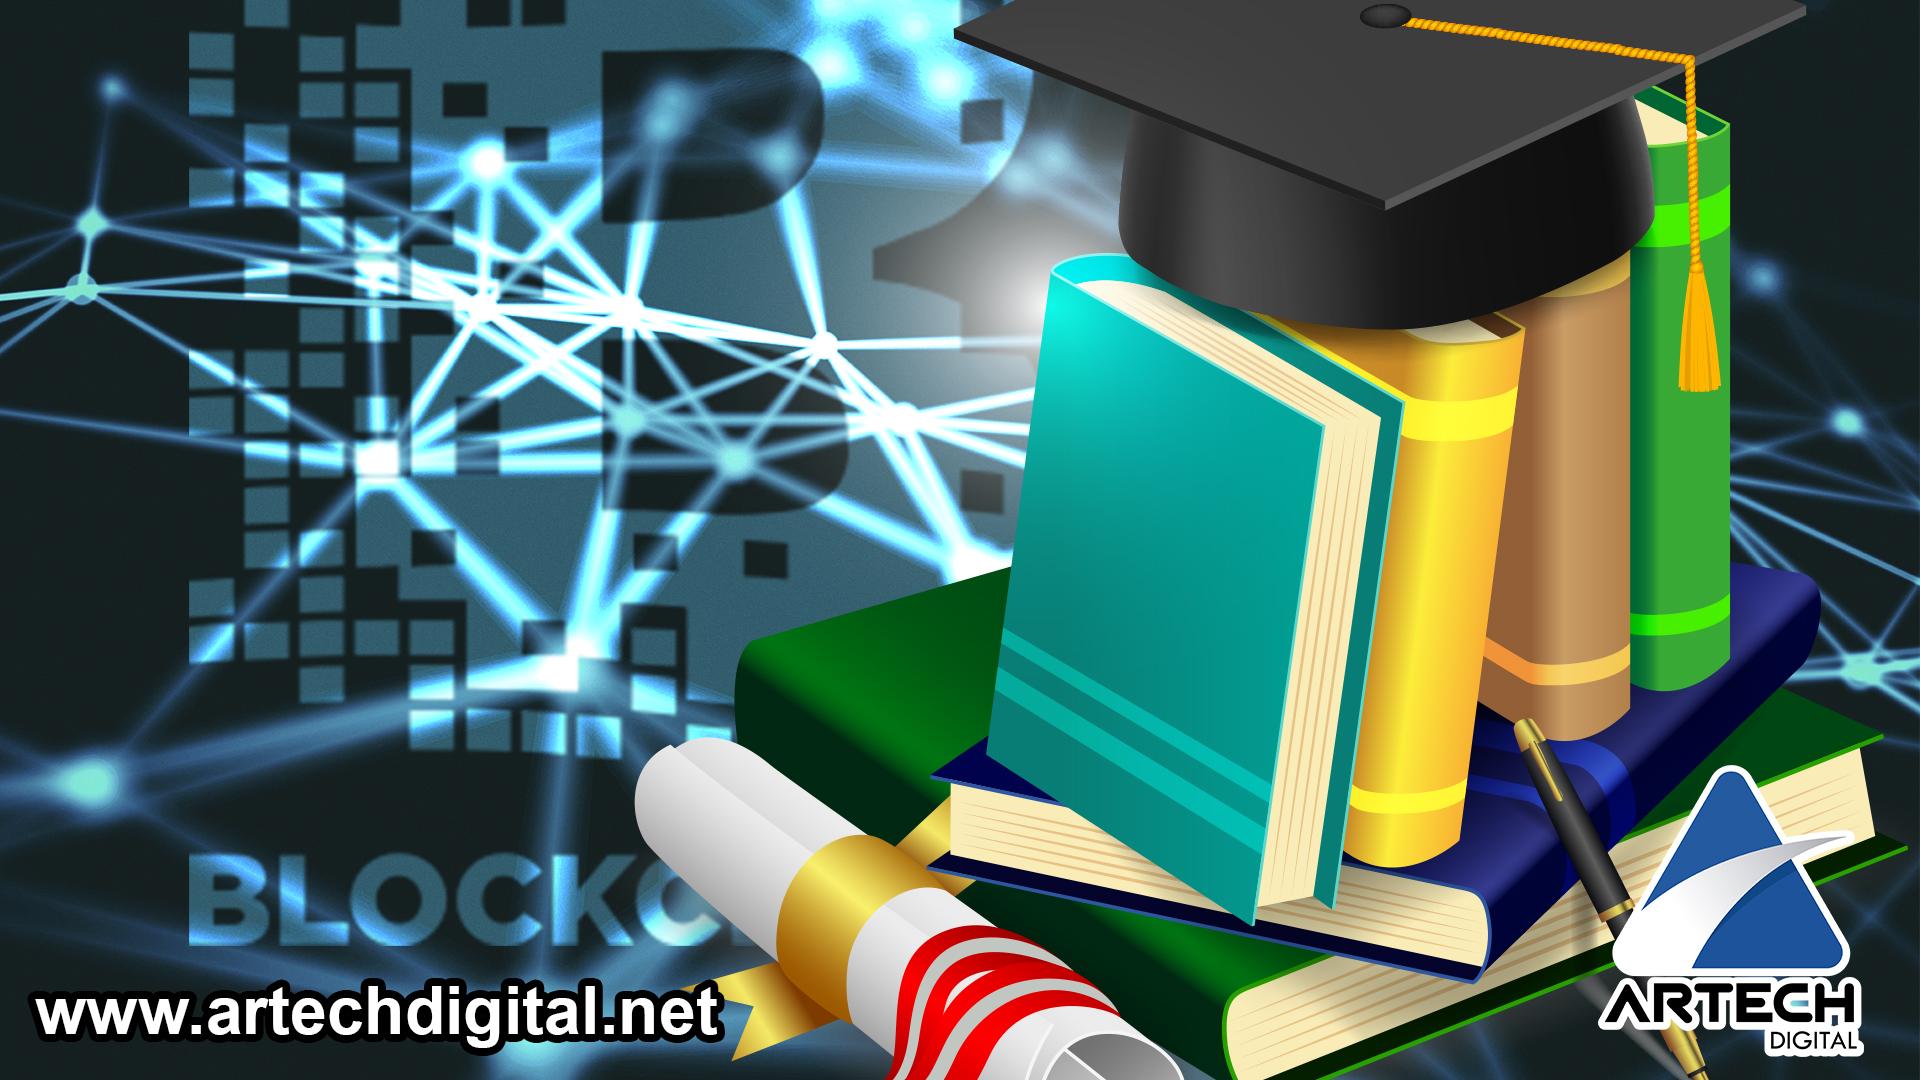 Tecnología blockchain - certificado - Artech Digital